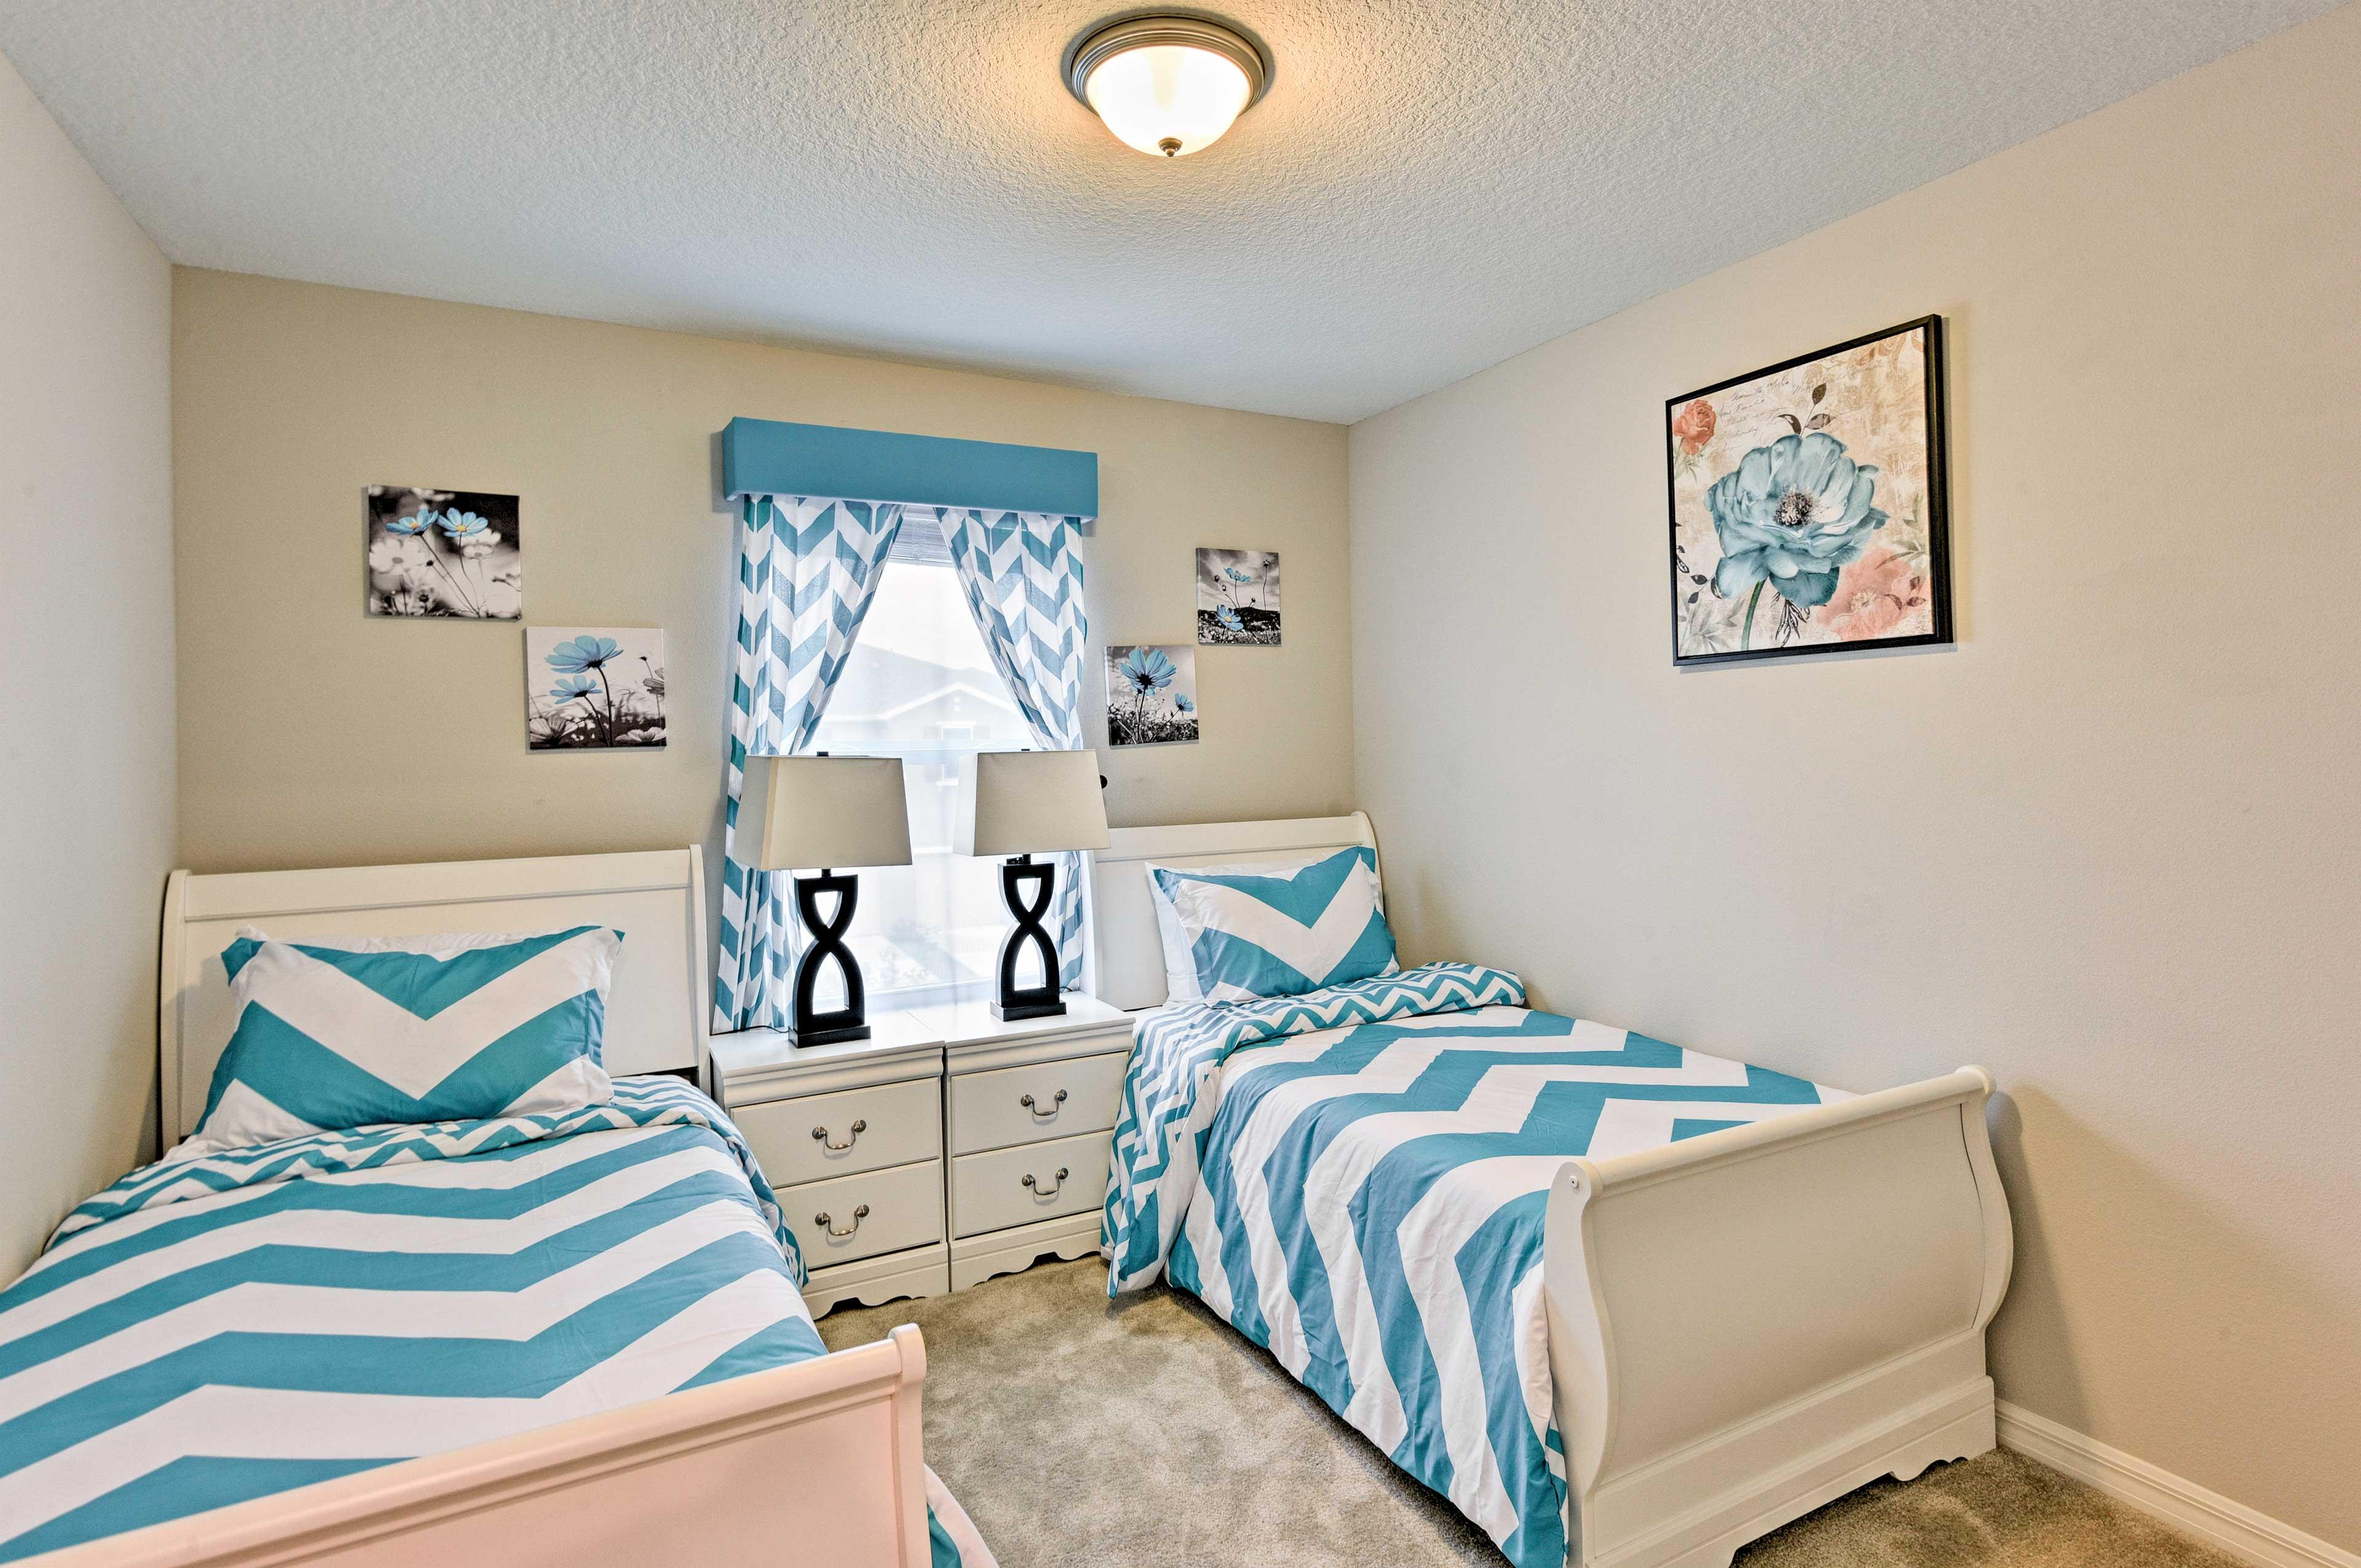 Bedroom 3 hosts 2 twin beds.